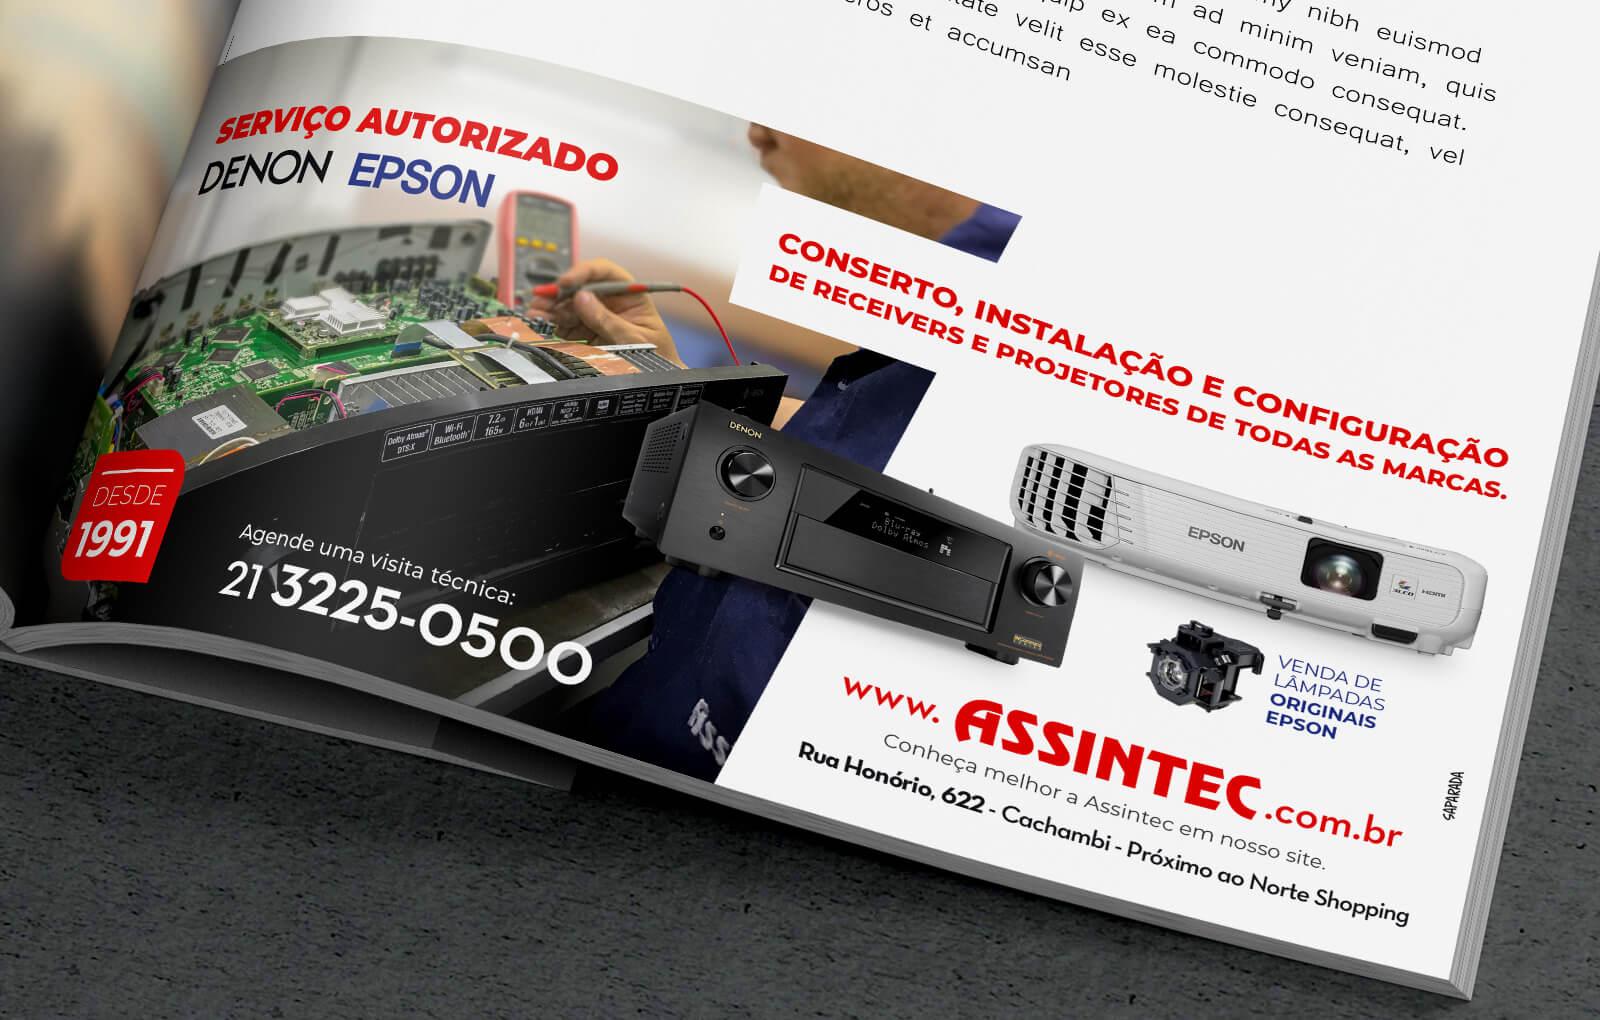 Anúncio sobre assistencia Técnica Assintec